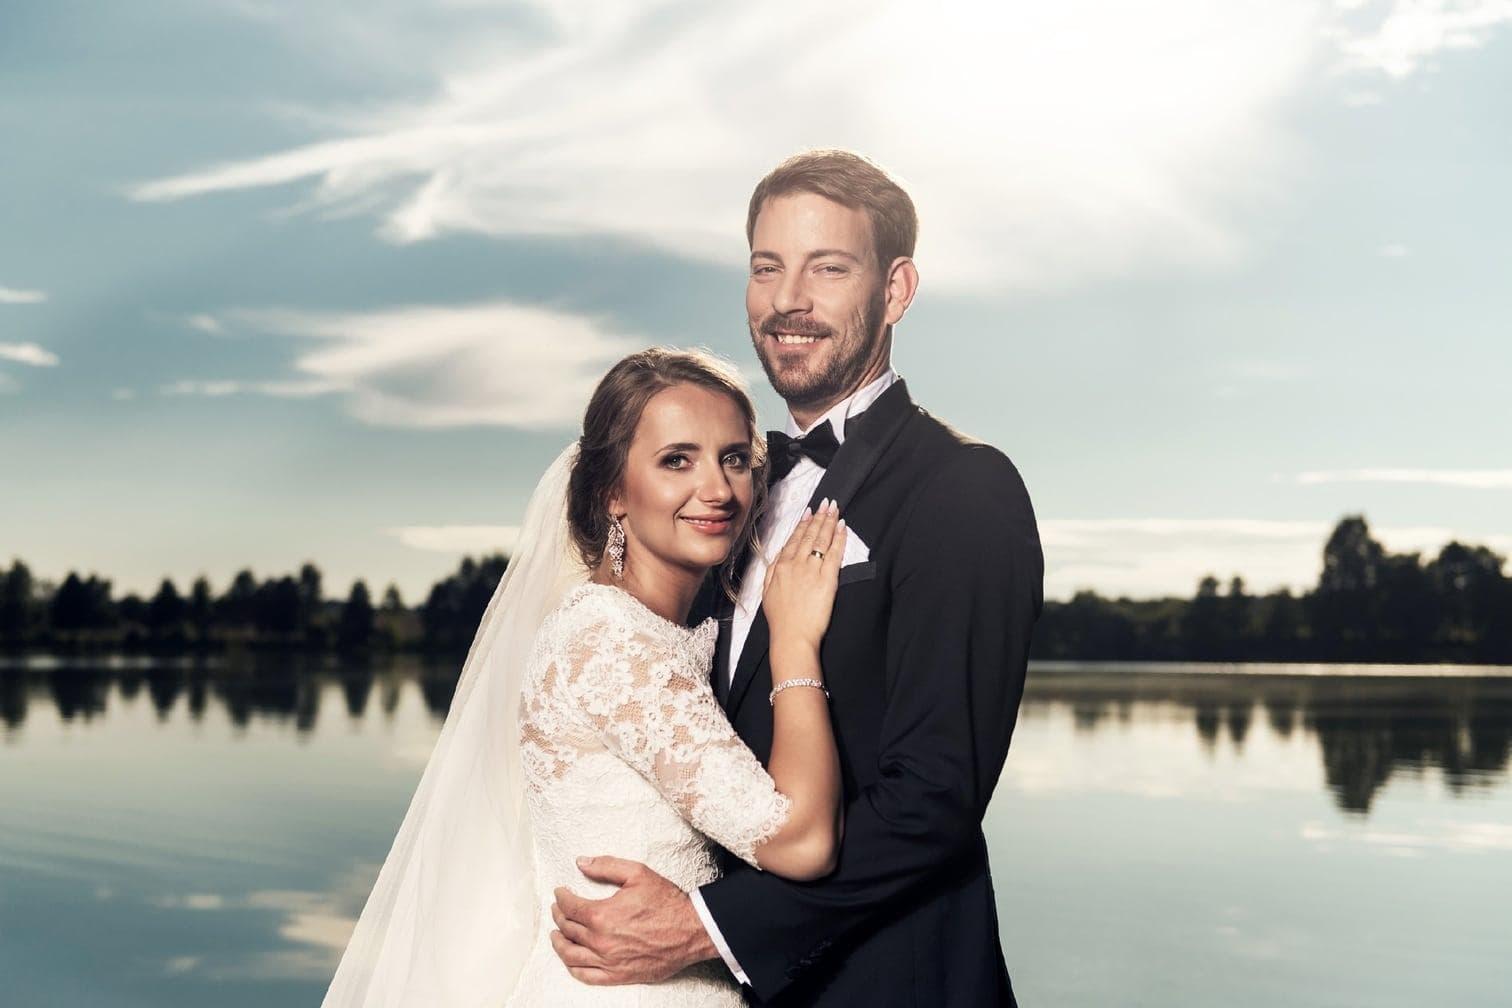 werden vom Brautpaar aufgesammelt.</p> Foto: MG RTL D / flashed by micky